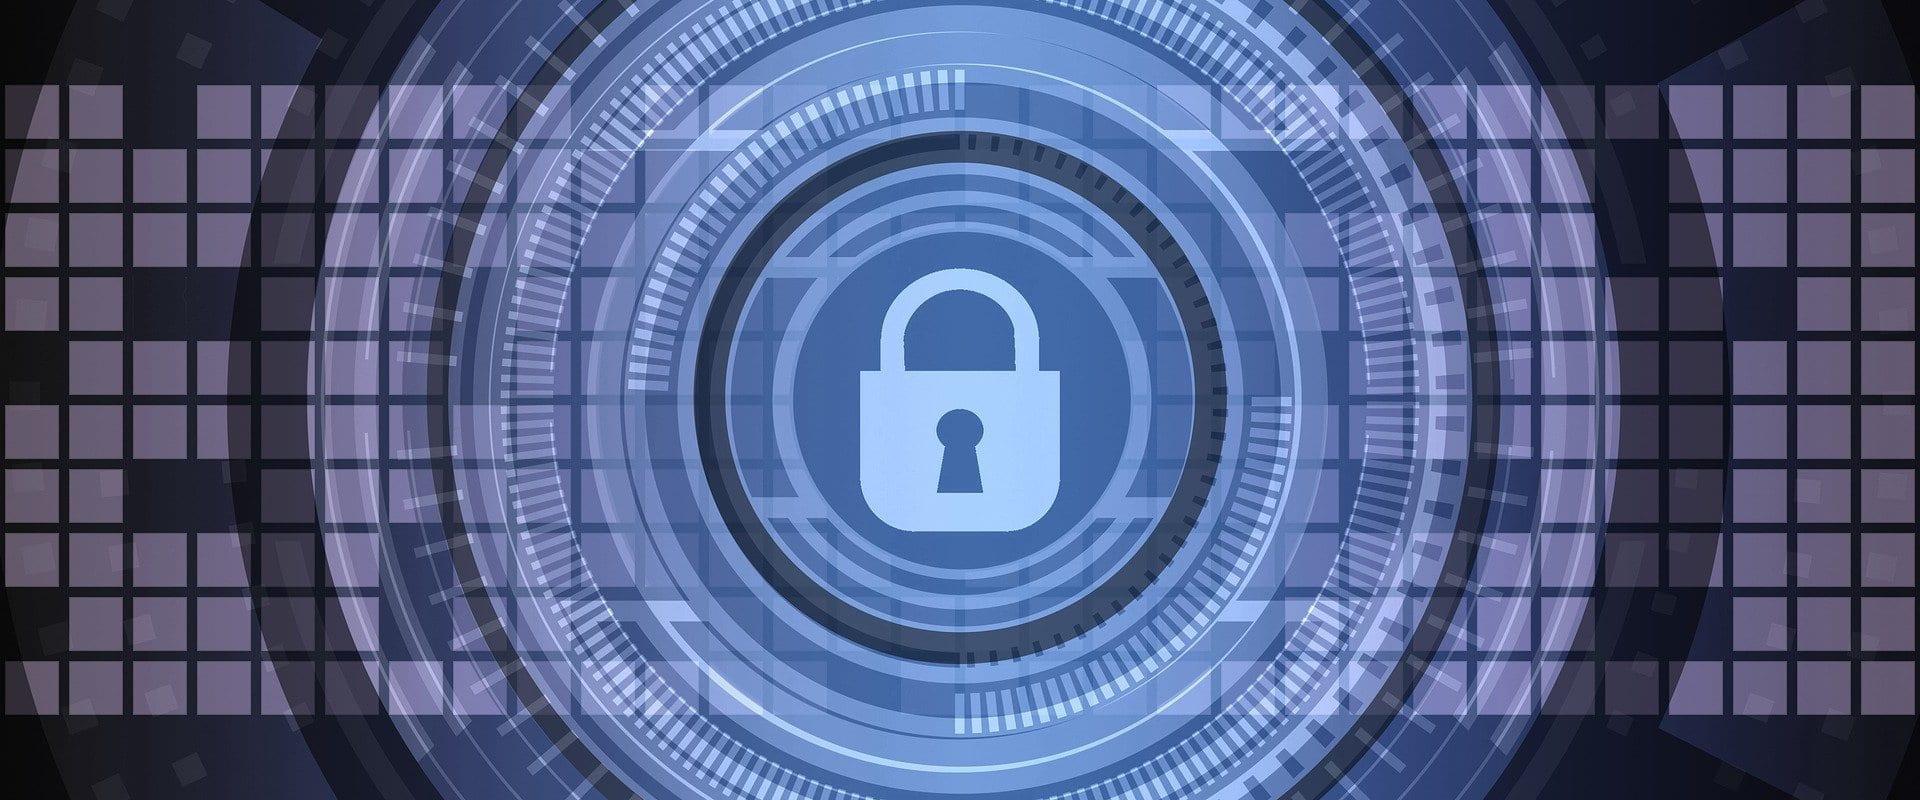 Een malslot, als referentie naar een versleutelde verbinding met HTTPS